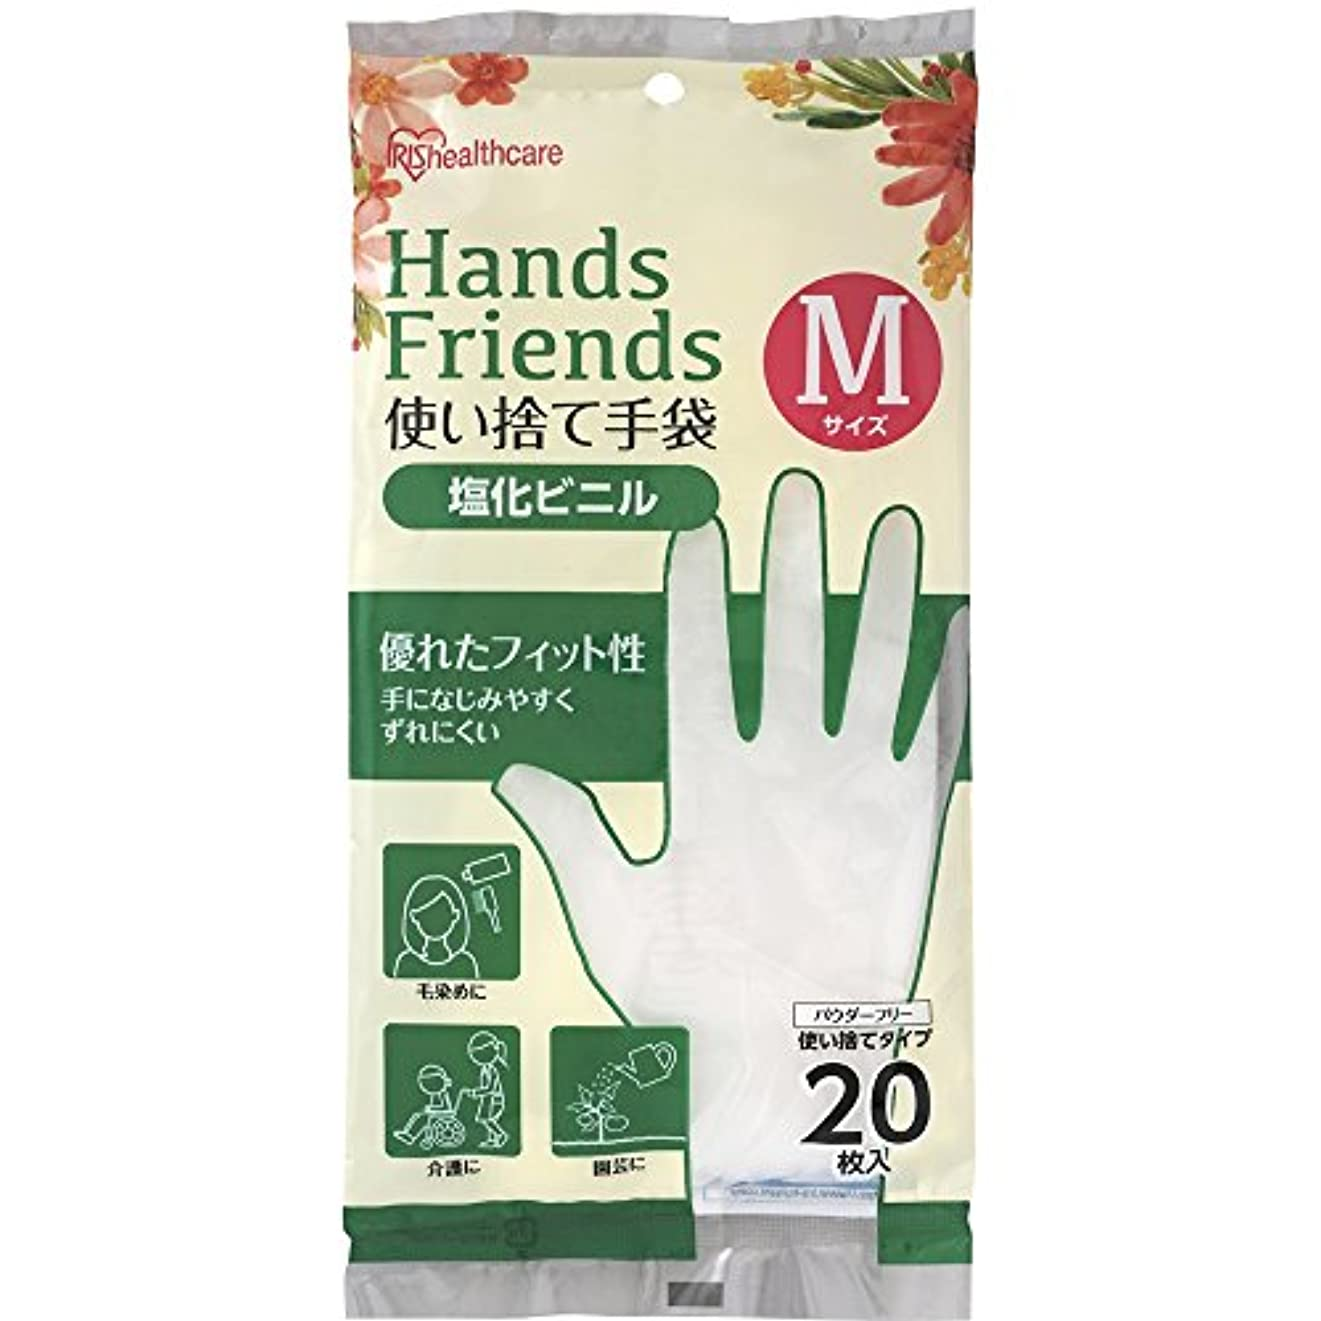 使い捨て手袋 クリア 塩化ビニル 20枚 Mサイズ PVC-20M